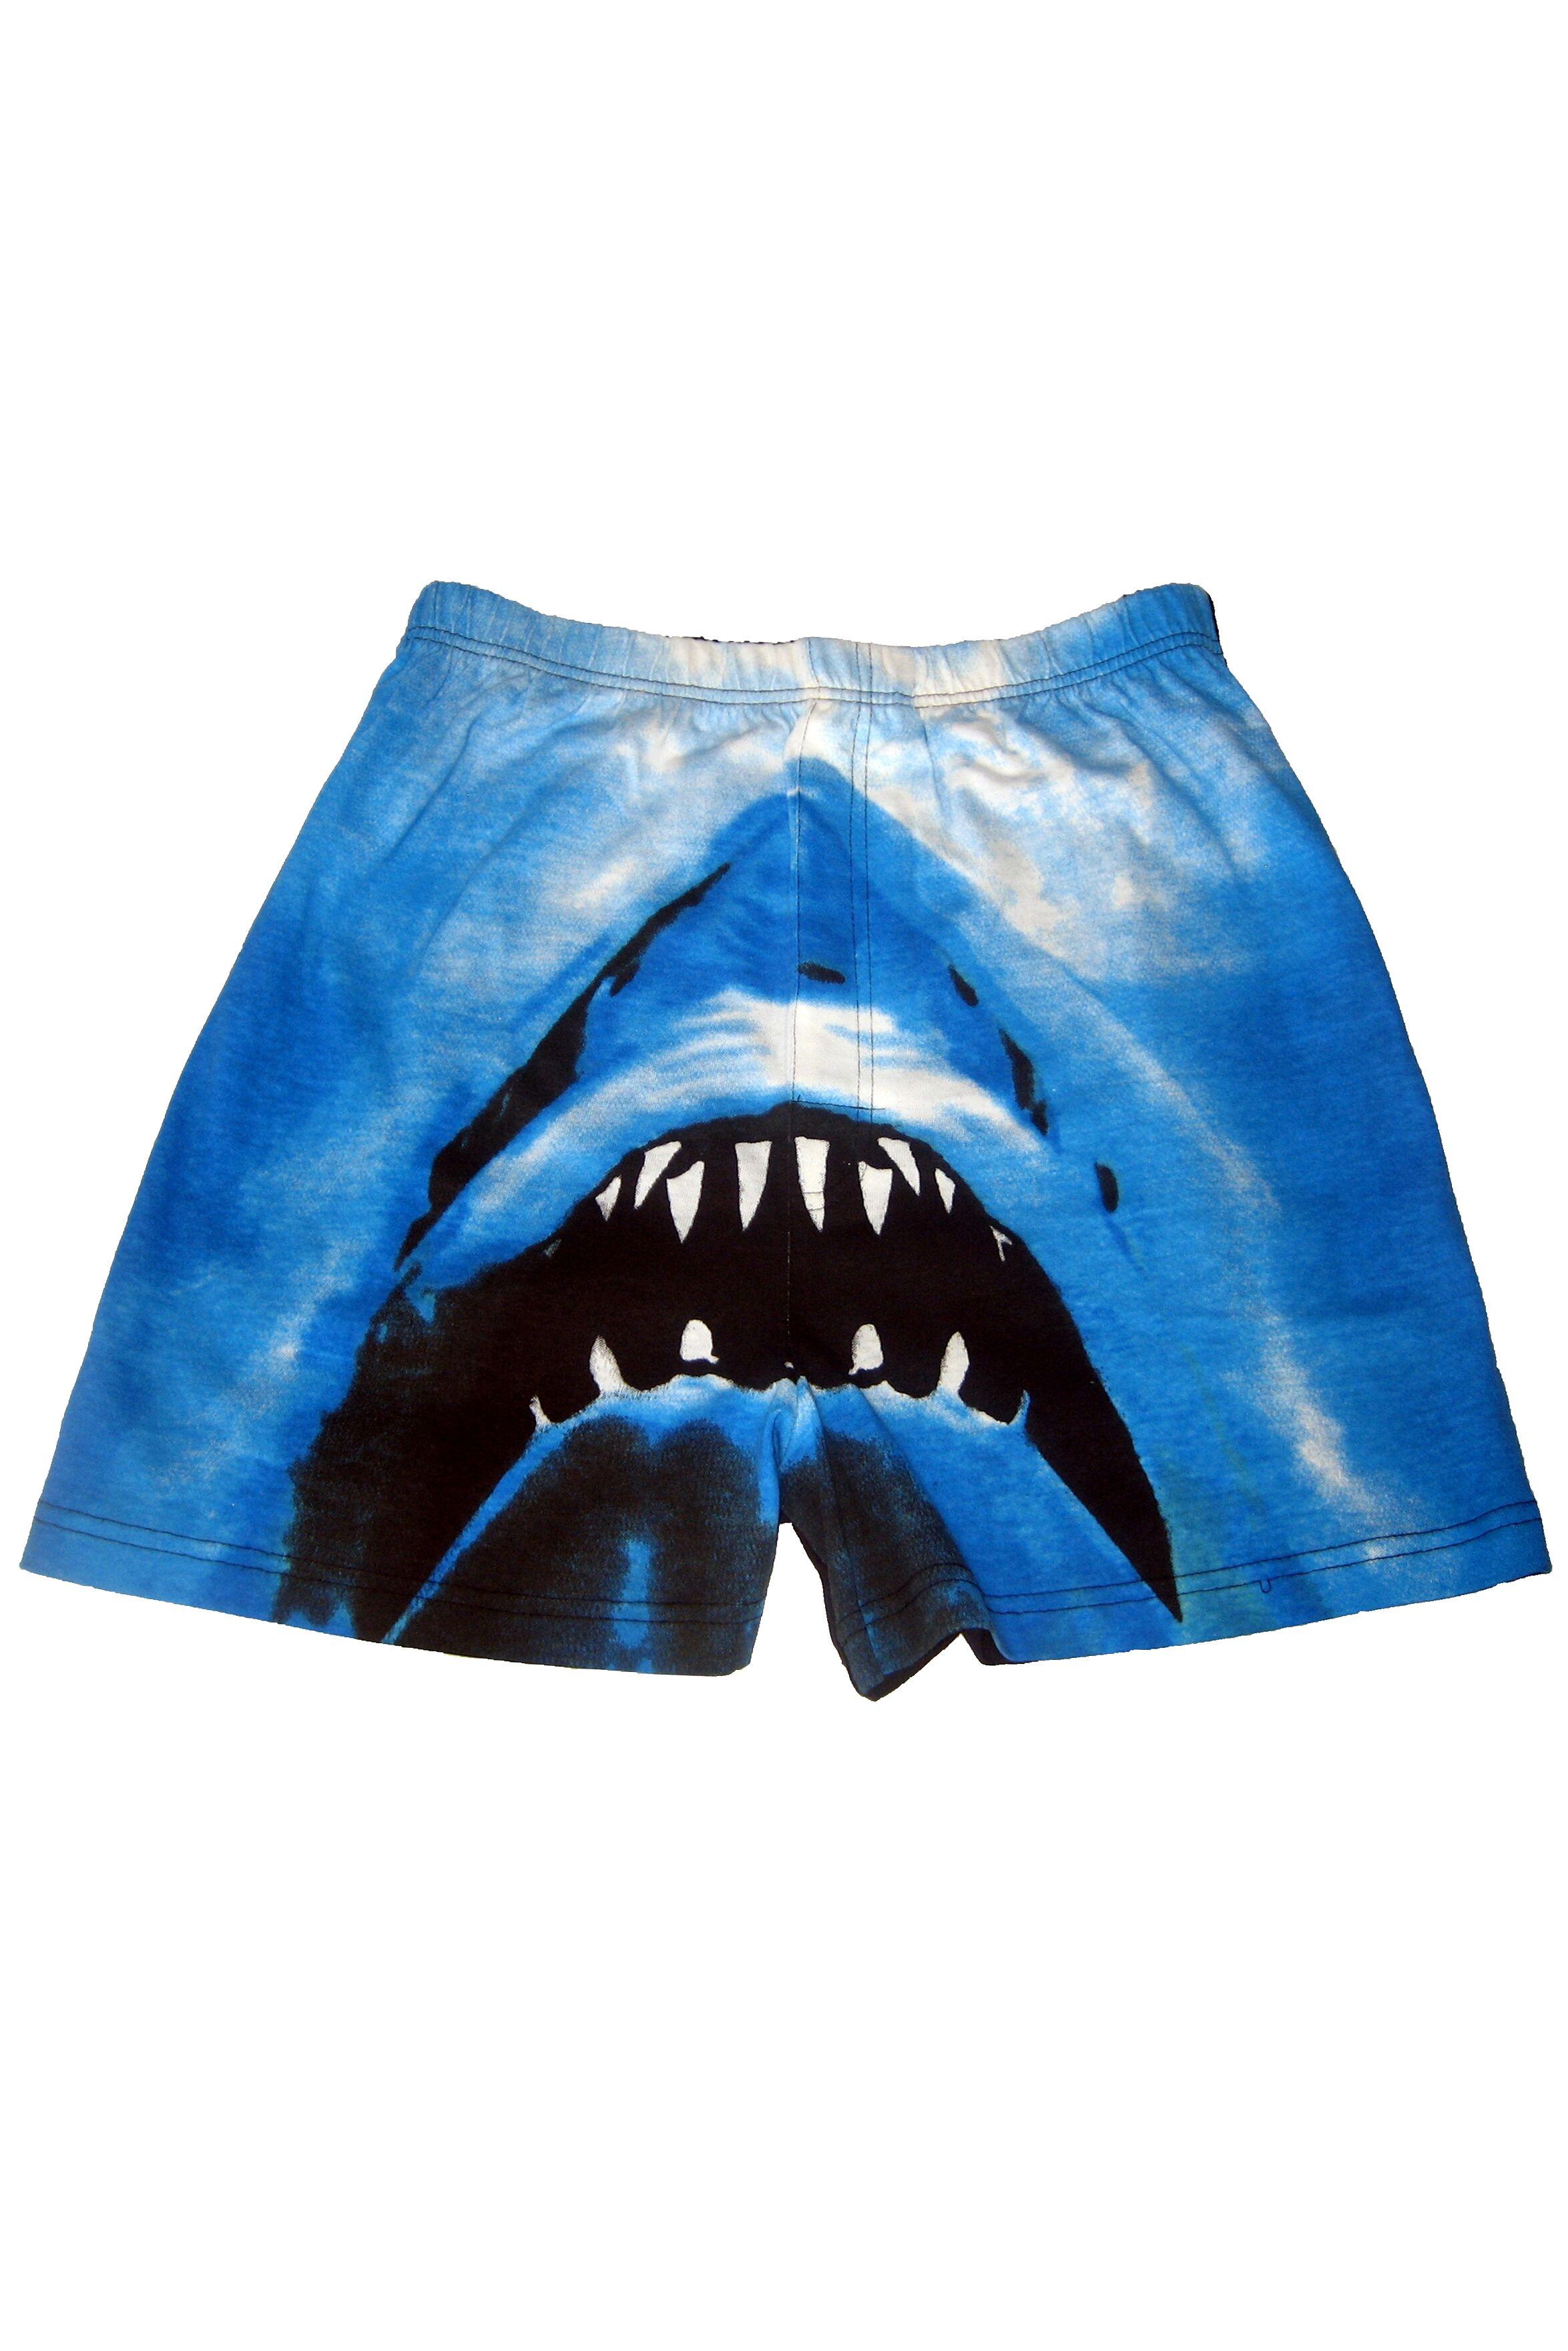 Image of 1 Pack Blue Magic Boxer Shorts In Shark Design Men's Large - SOCKSHOP